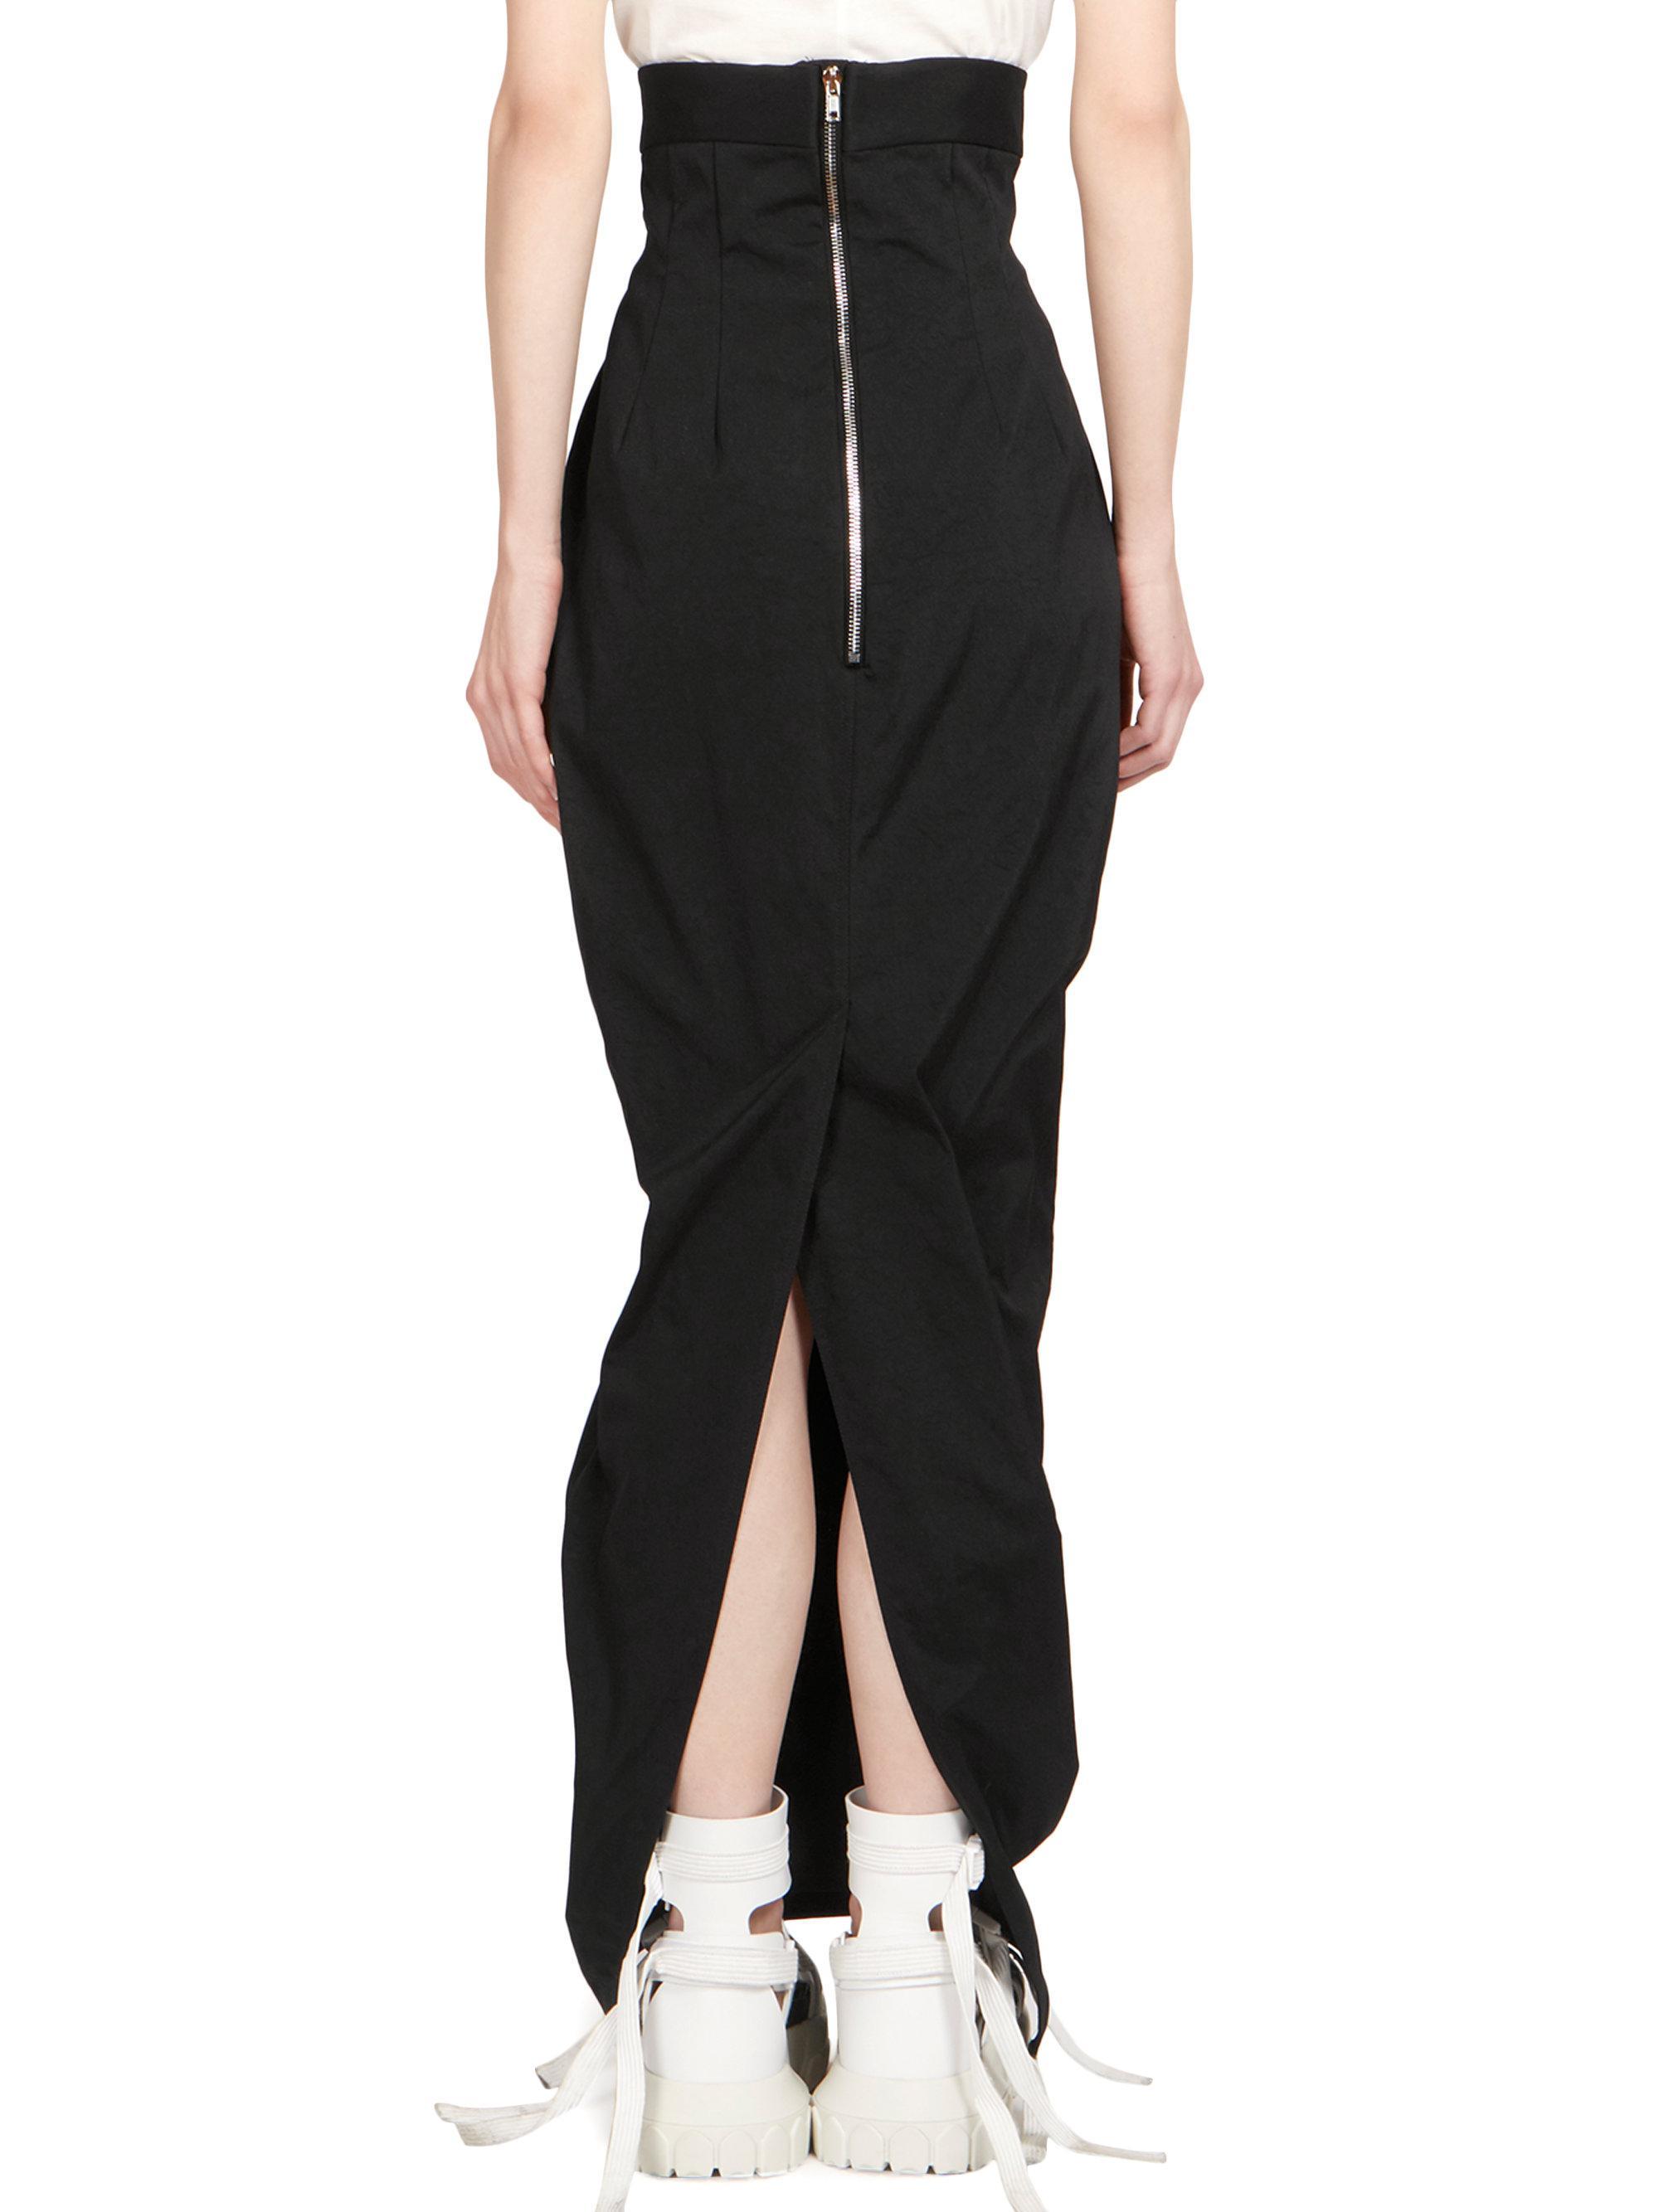 0ad36ba0d8 Rick Owens Dirt Pillar High Waist Maxi Skirt in Black - Lyst